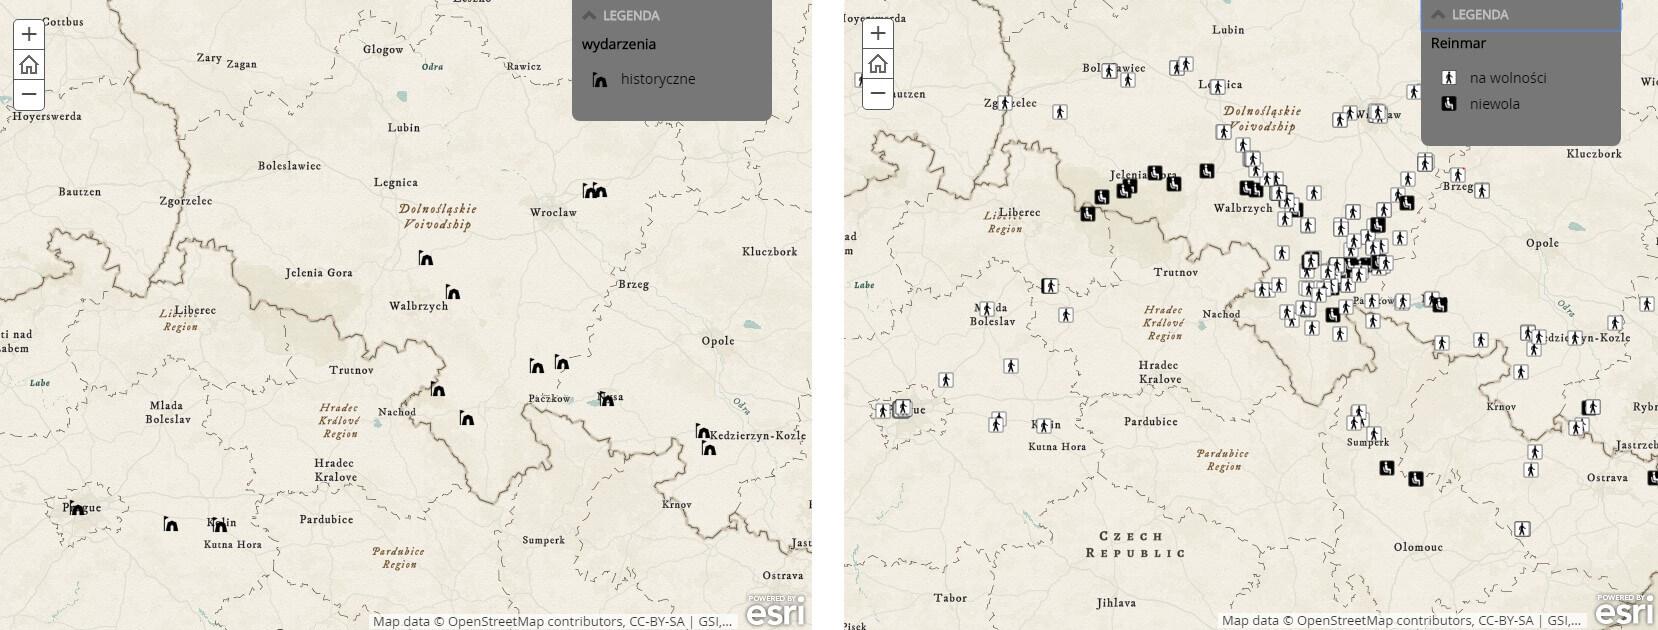 Ryc. 5. Mapy tematyczne przedstawiające wydarzenia historyczne w trylogii husyckiej oraz miejsca, wktórych Reynevan podróżował jako jeniec lub był w niewoli